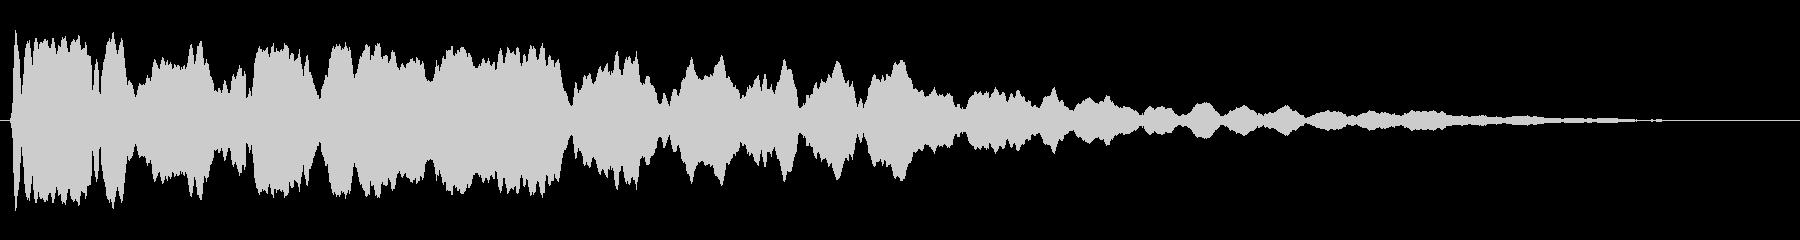 トゥーン (透明感のある高音)の未再生の波形